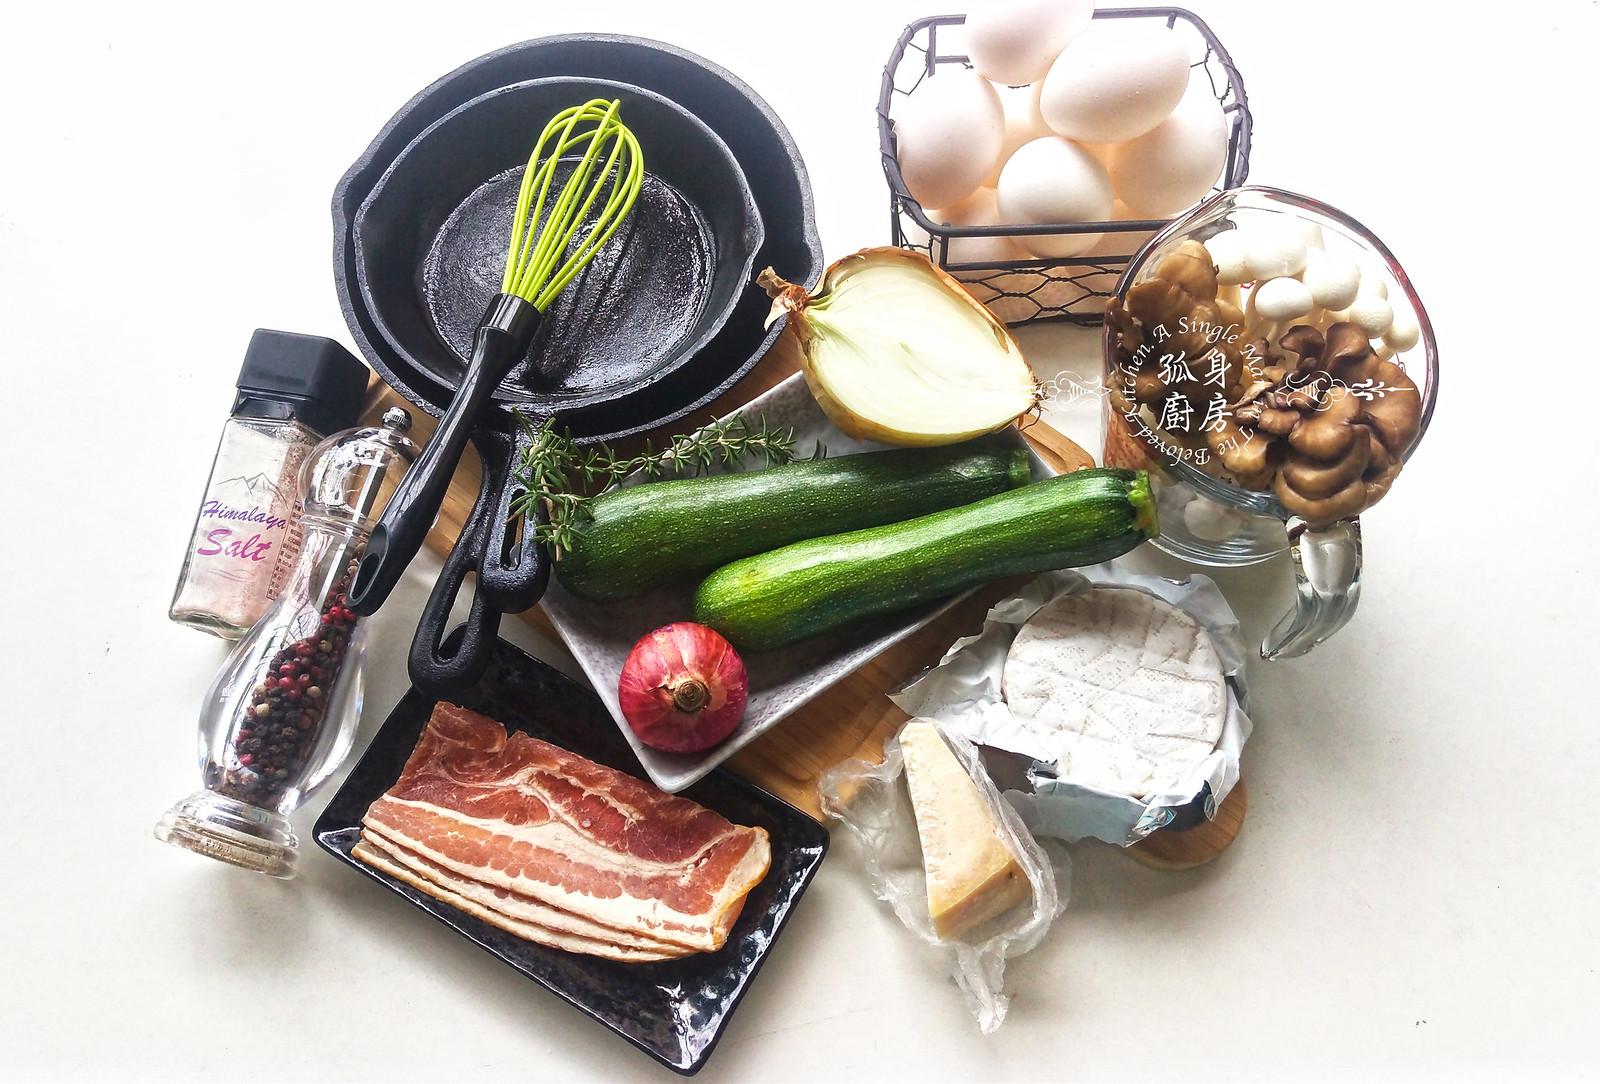 孤身廚房-清冰箱簡單早午餐!培根野菇櫛瓜義式烘蛋Frittata2